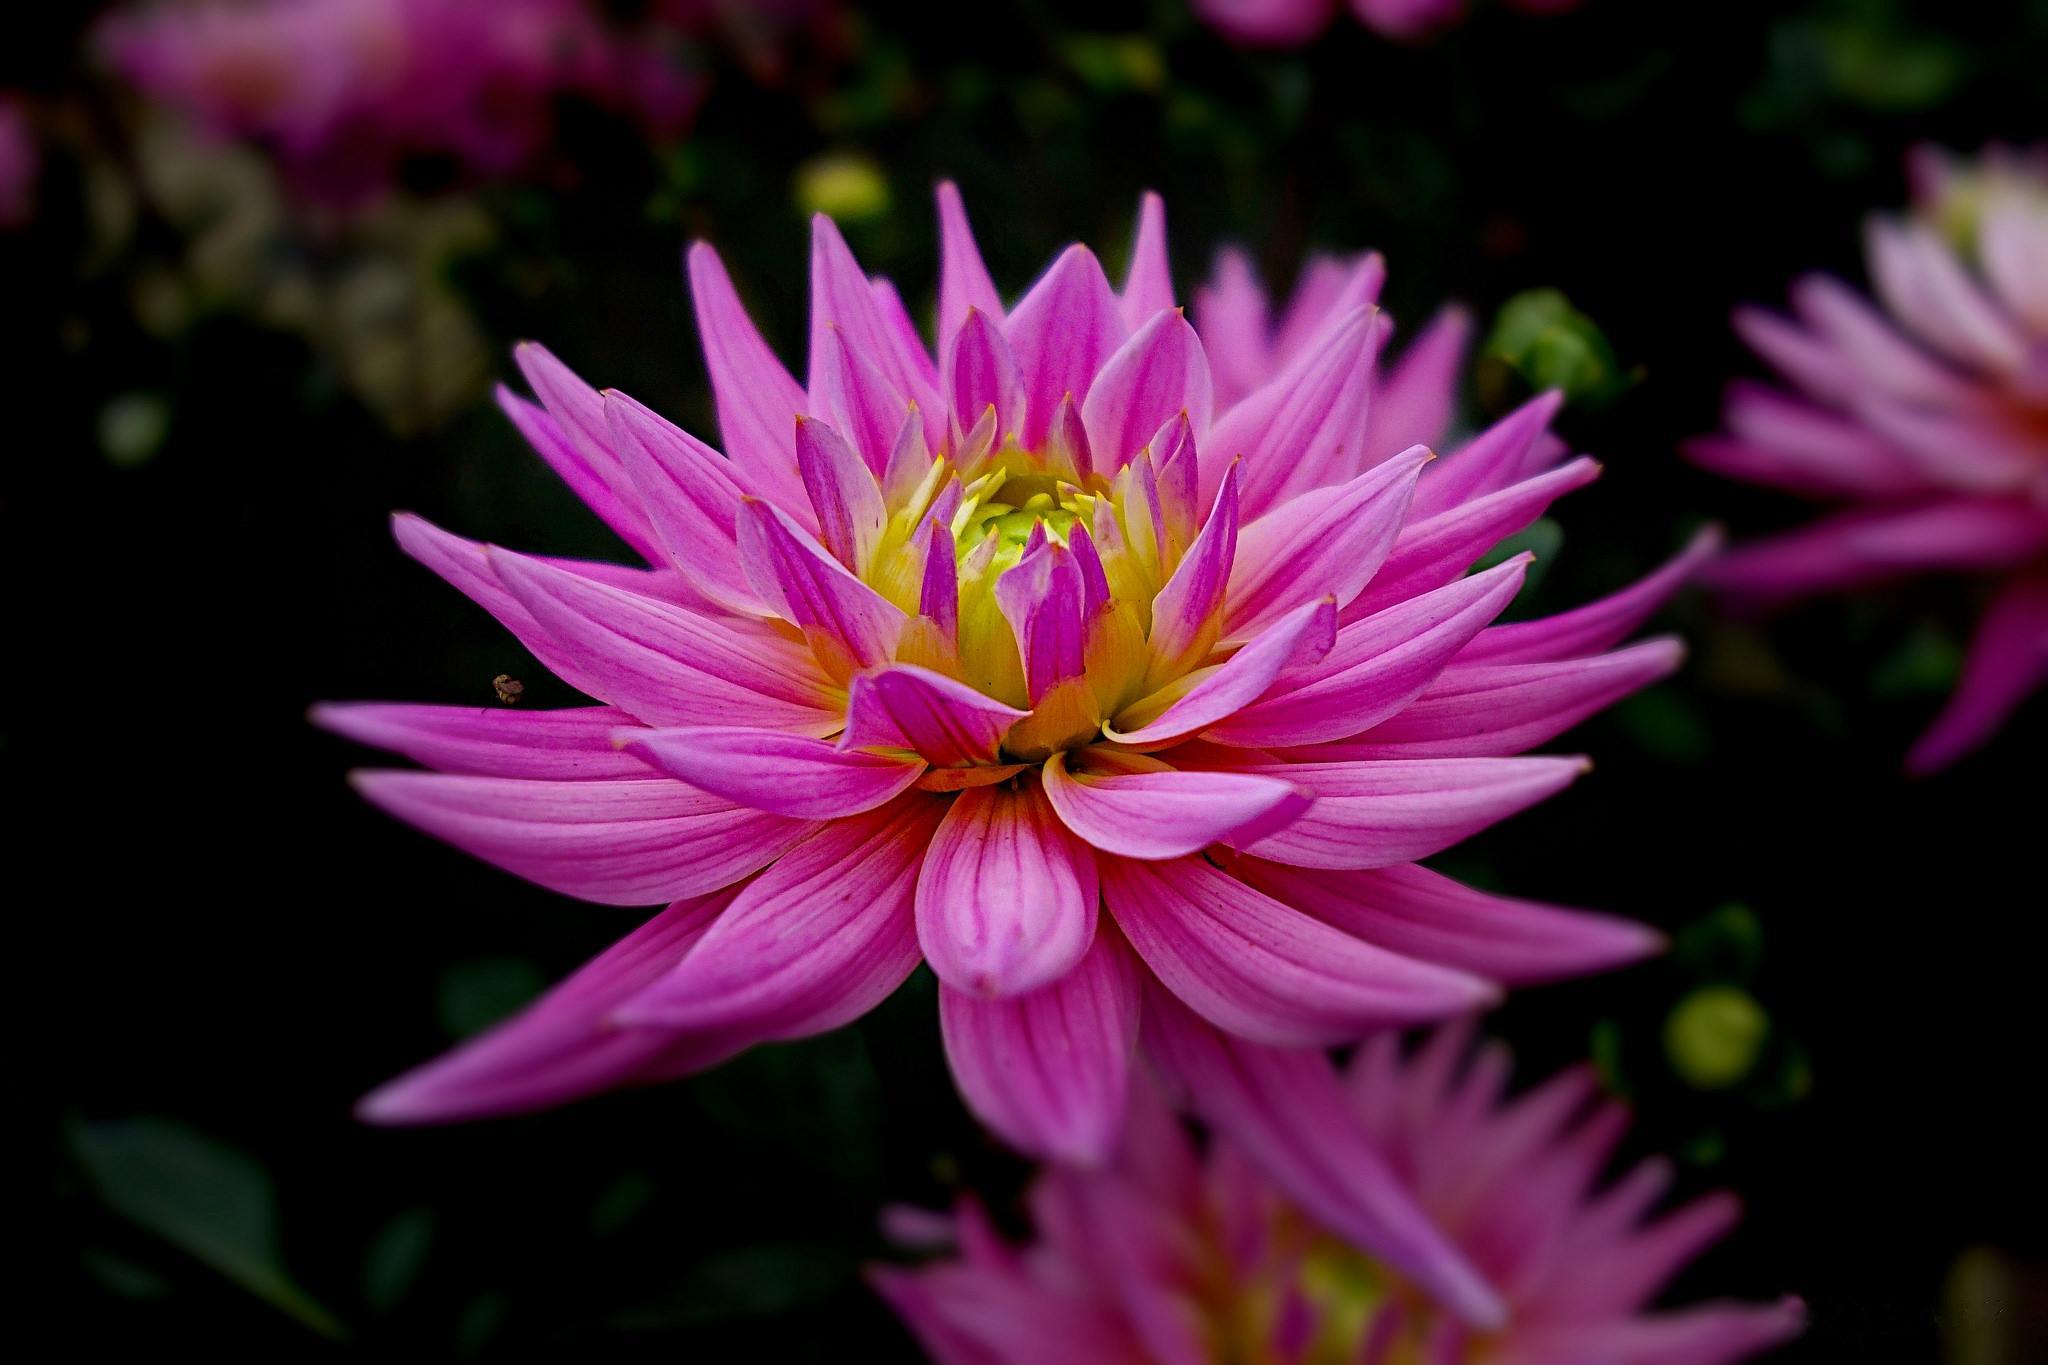 георгин, цветок, отражение